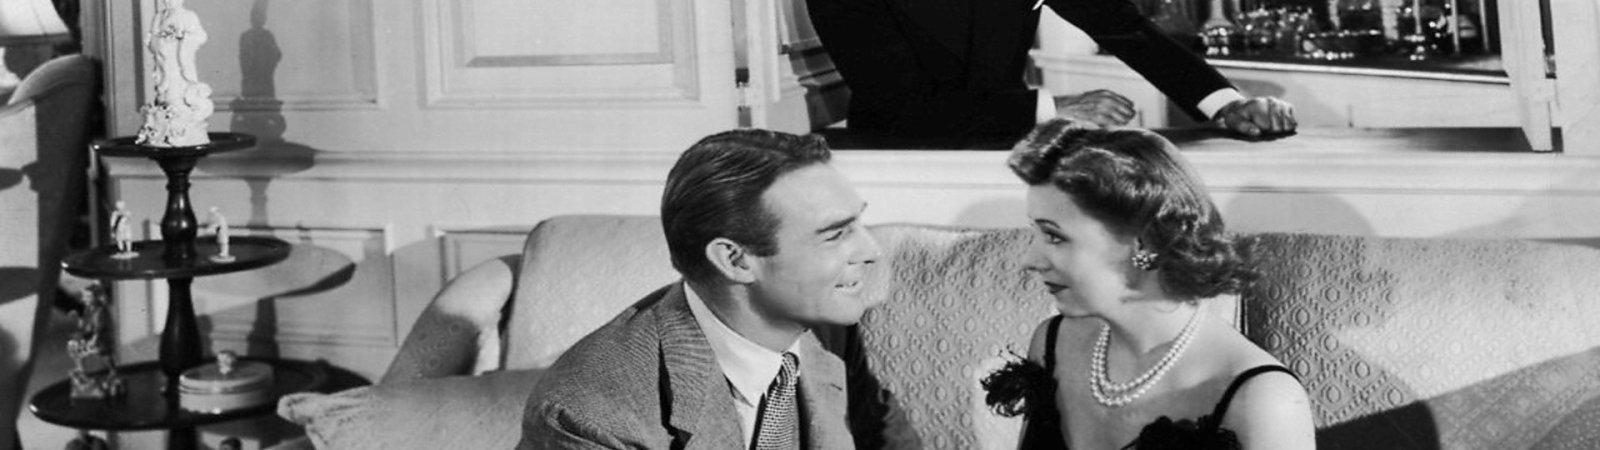 Photo dernier film Irene Dunne